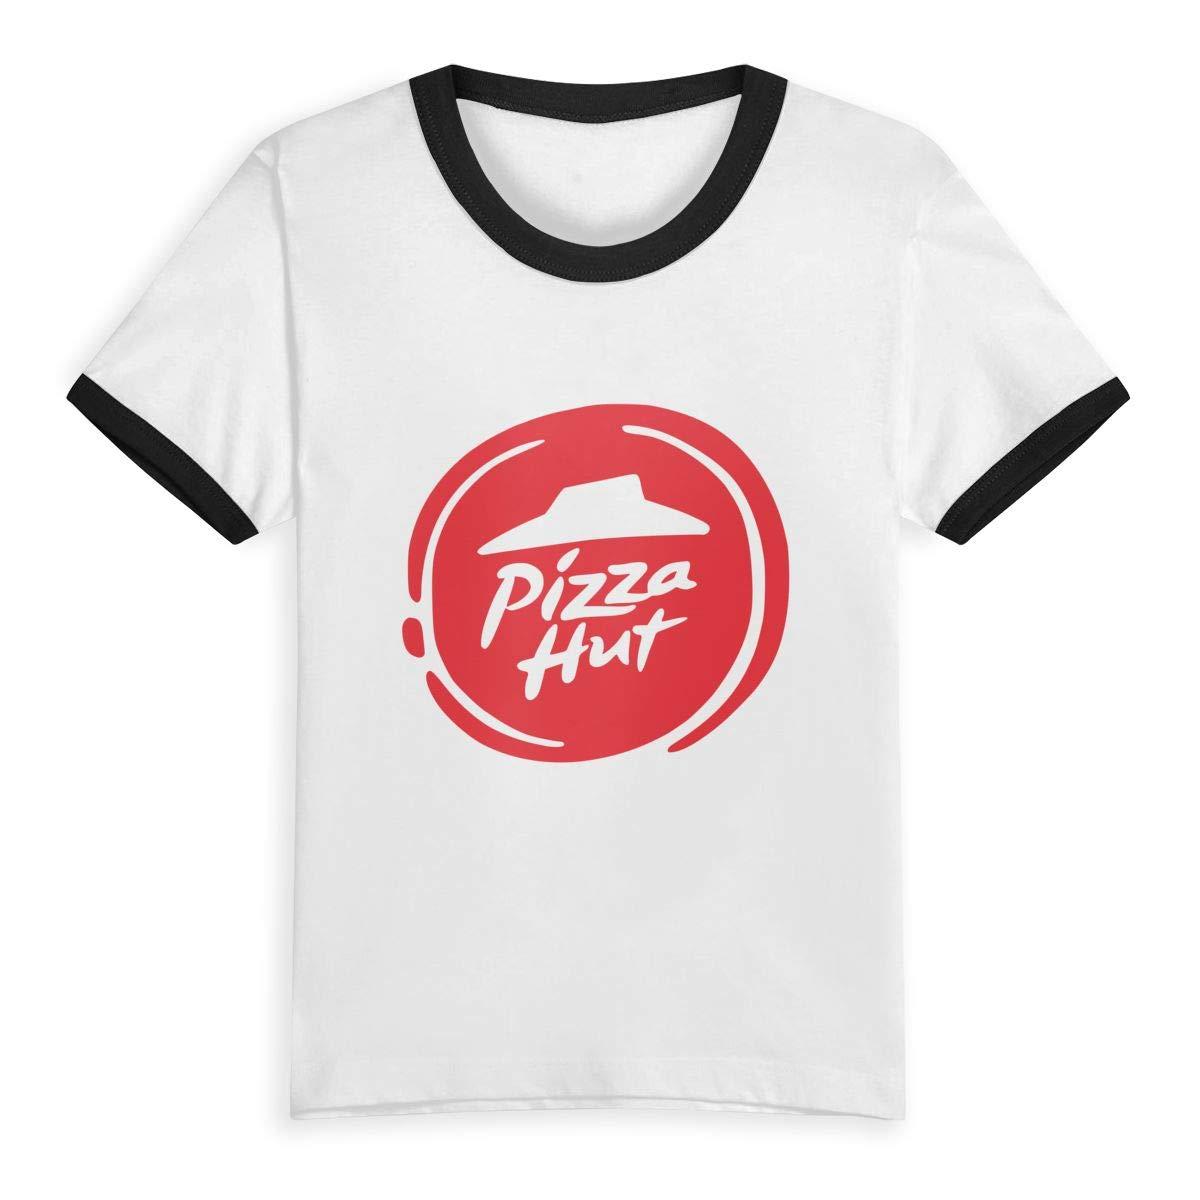 Pizza Hut Unisex Youths Short Sleeve T-Shirt Kids T-Shirt Tops